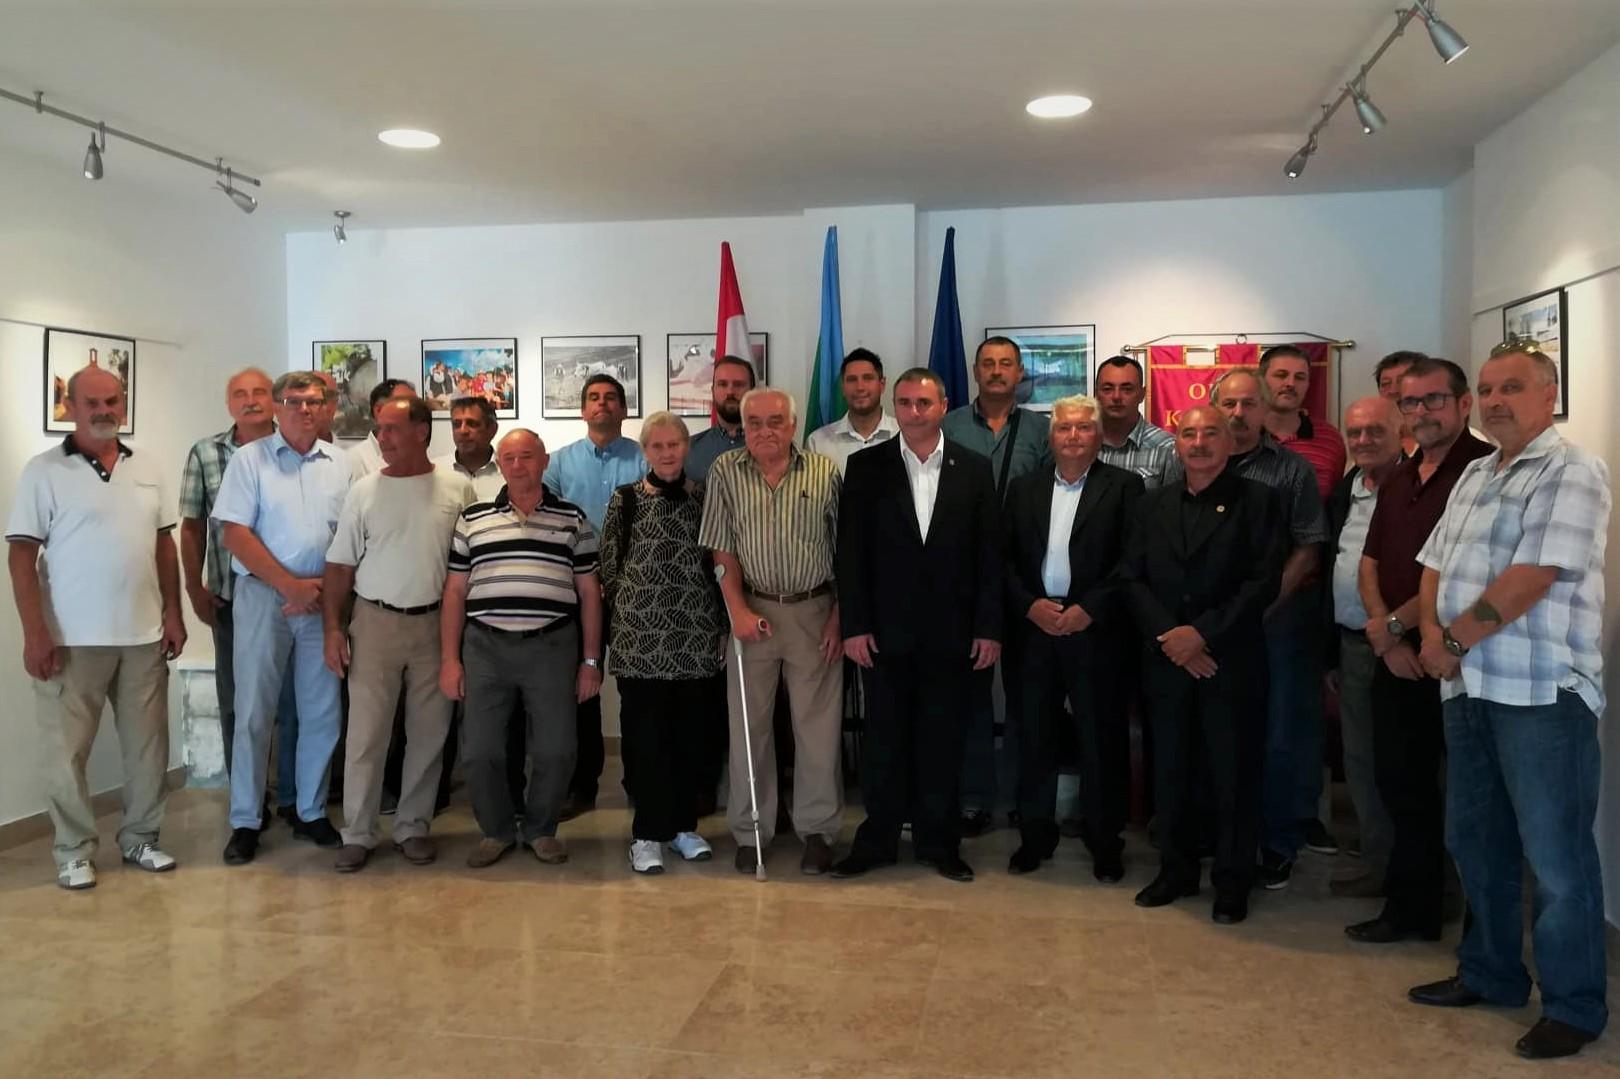 Celebrazione del 27º anniversario di formazione della 119º brigata dell'EC